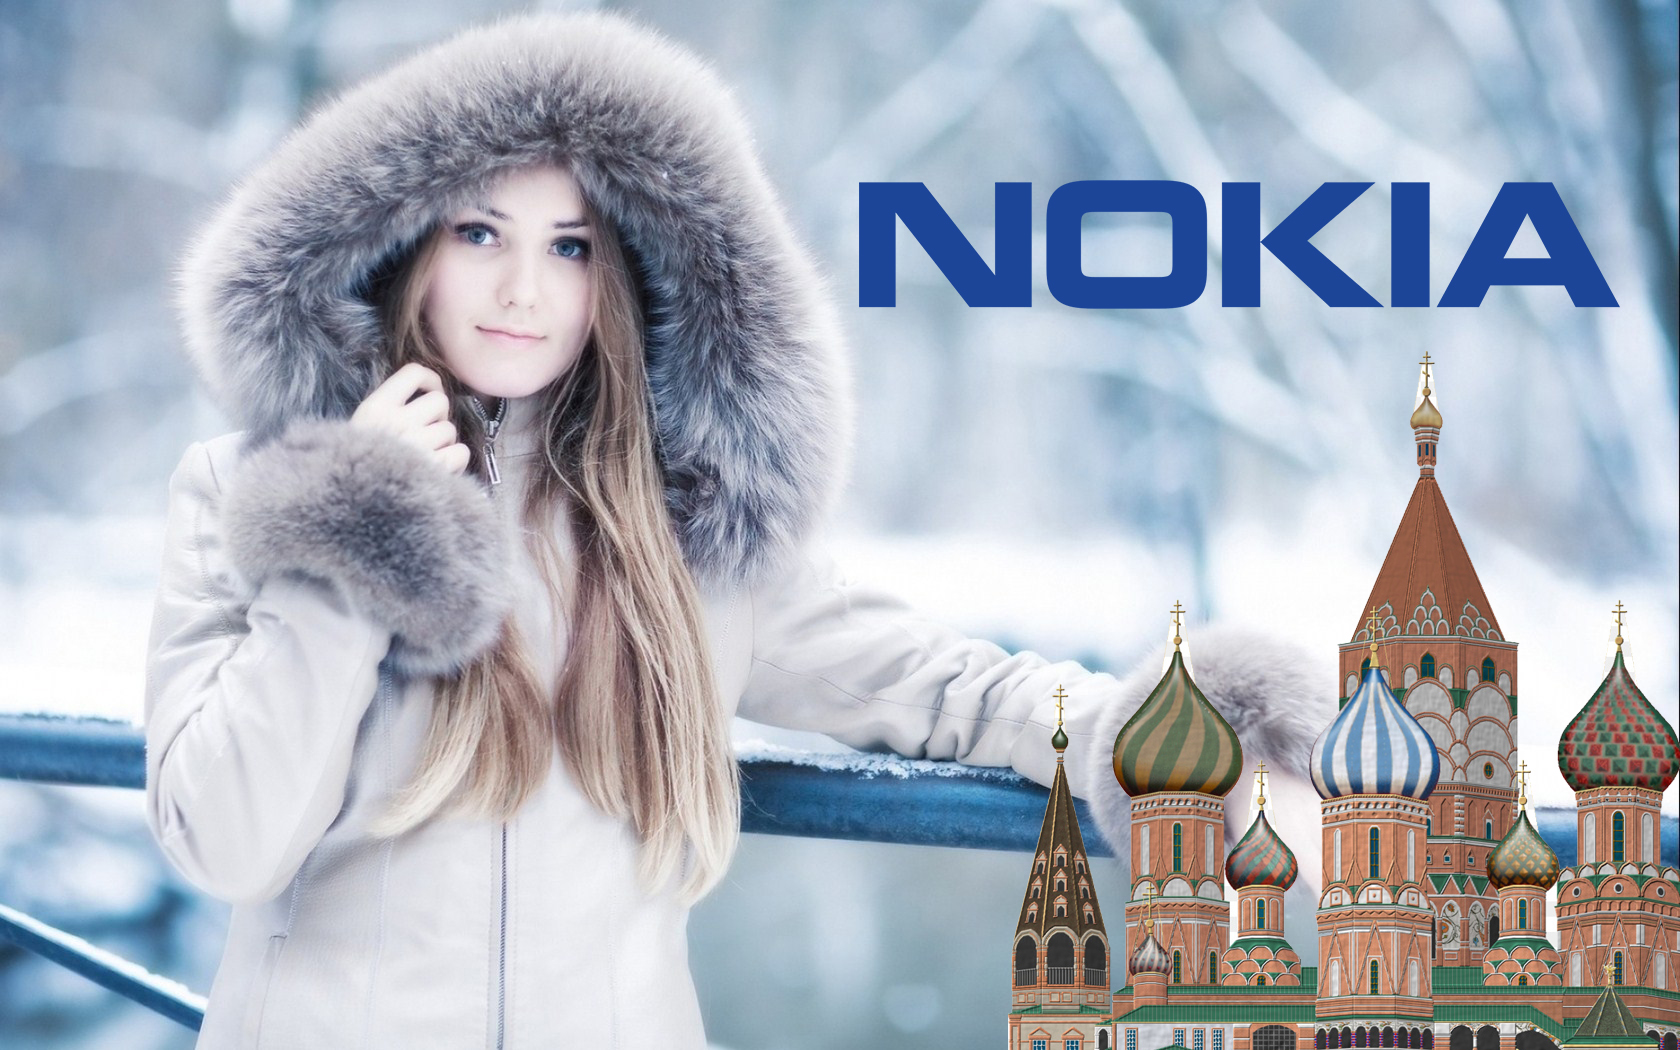 Nokia Rusya etkinliği düzenliyor! Peki neden? Yeni ne var?